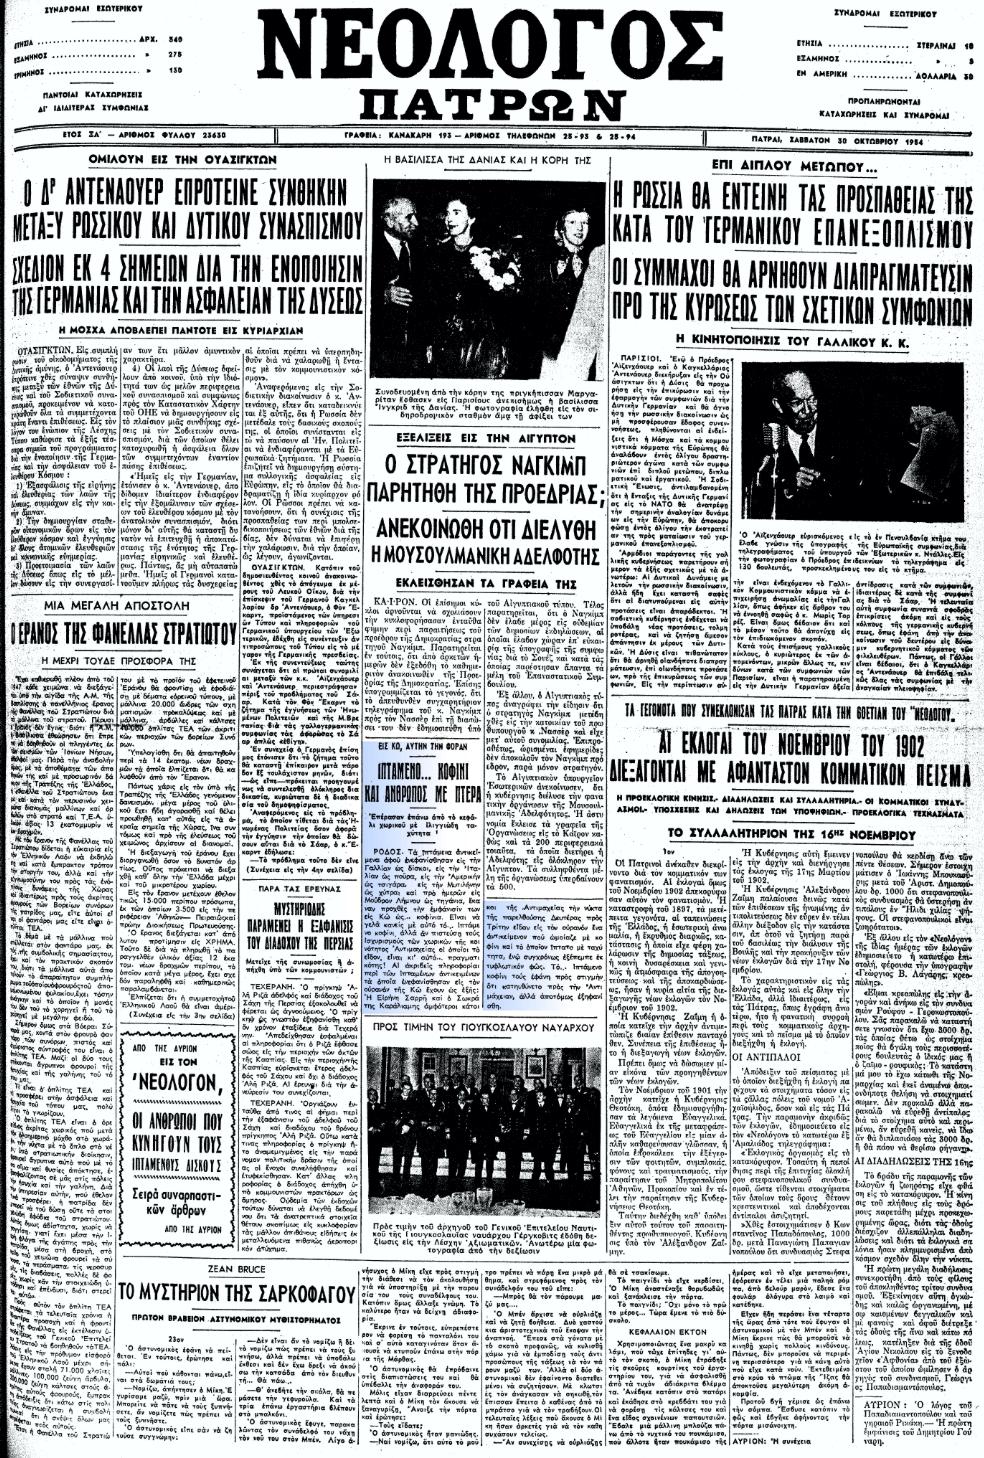 """Το άρθρο, όπως δημοσιεύθηκε στην εφημερίδα """"ΝΕΟΛΟΓΟΣ ΠΑΤΡΩΝ"""", στις 30/10/1954"""